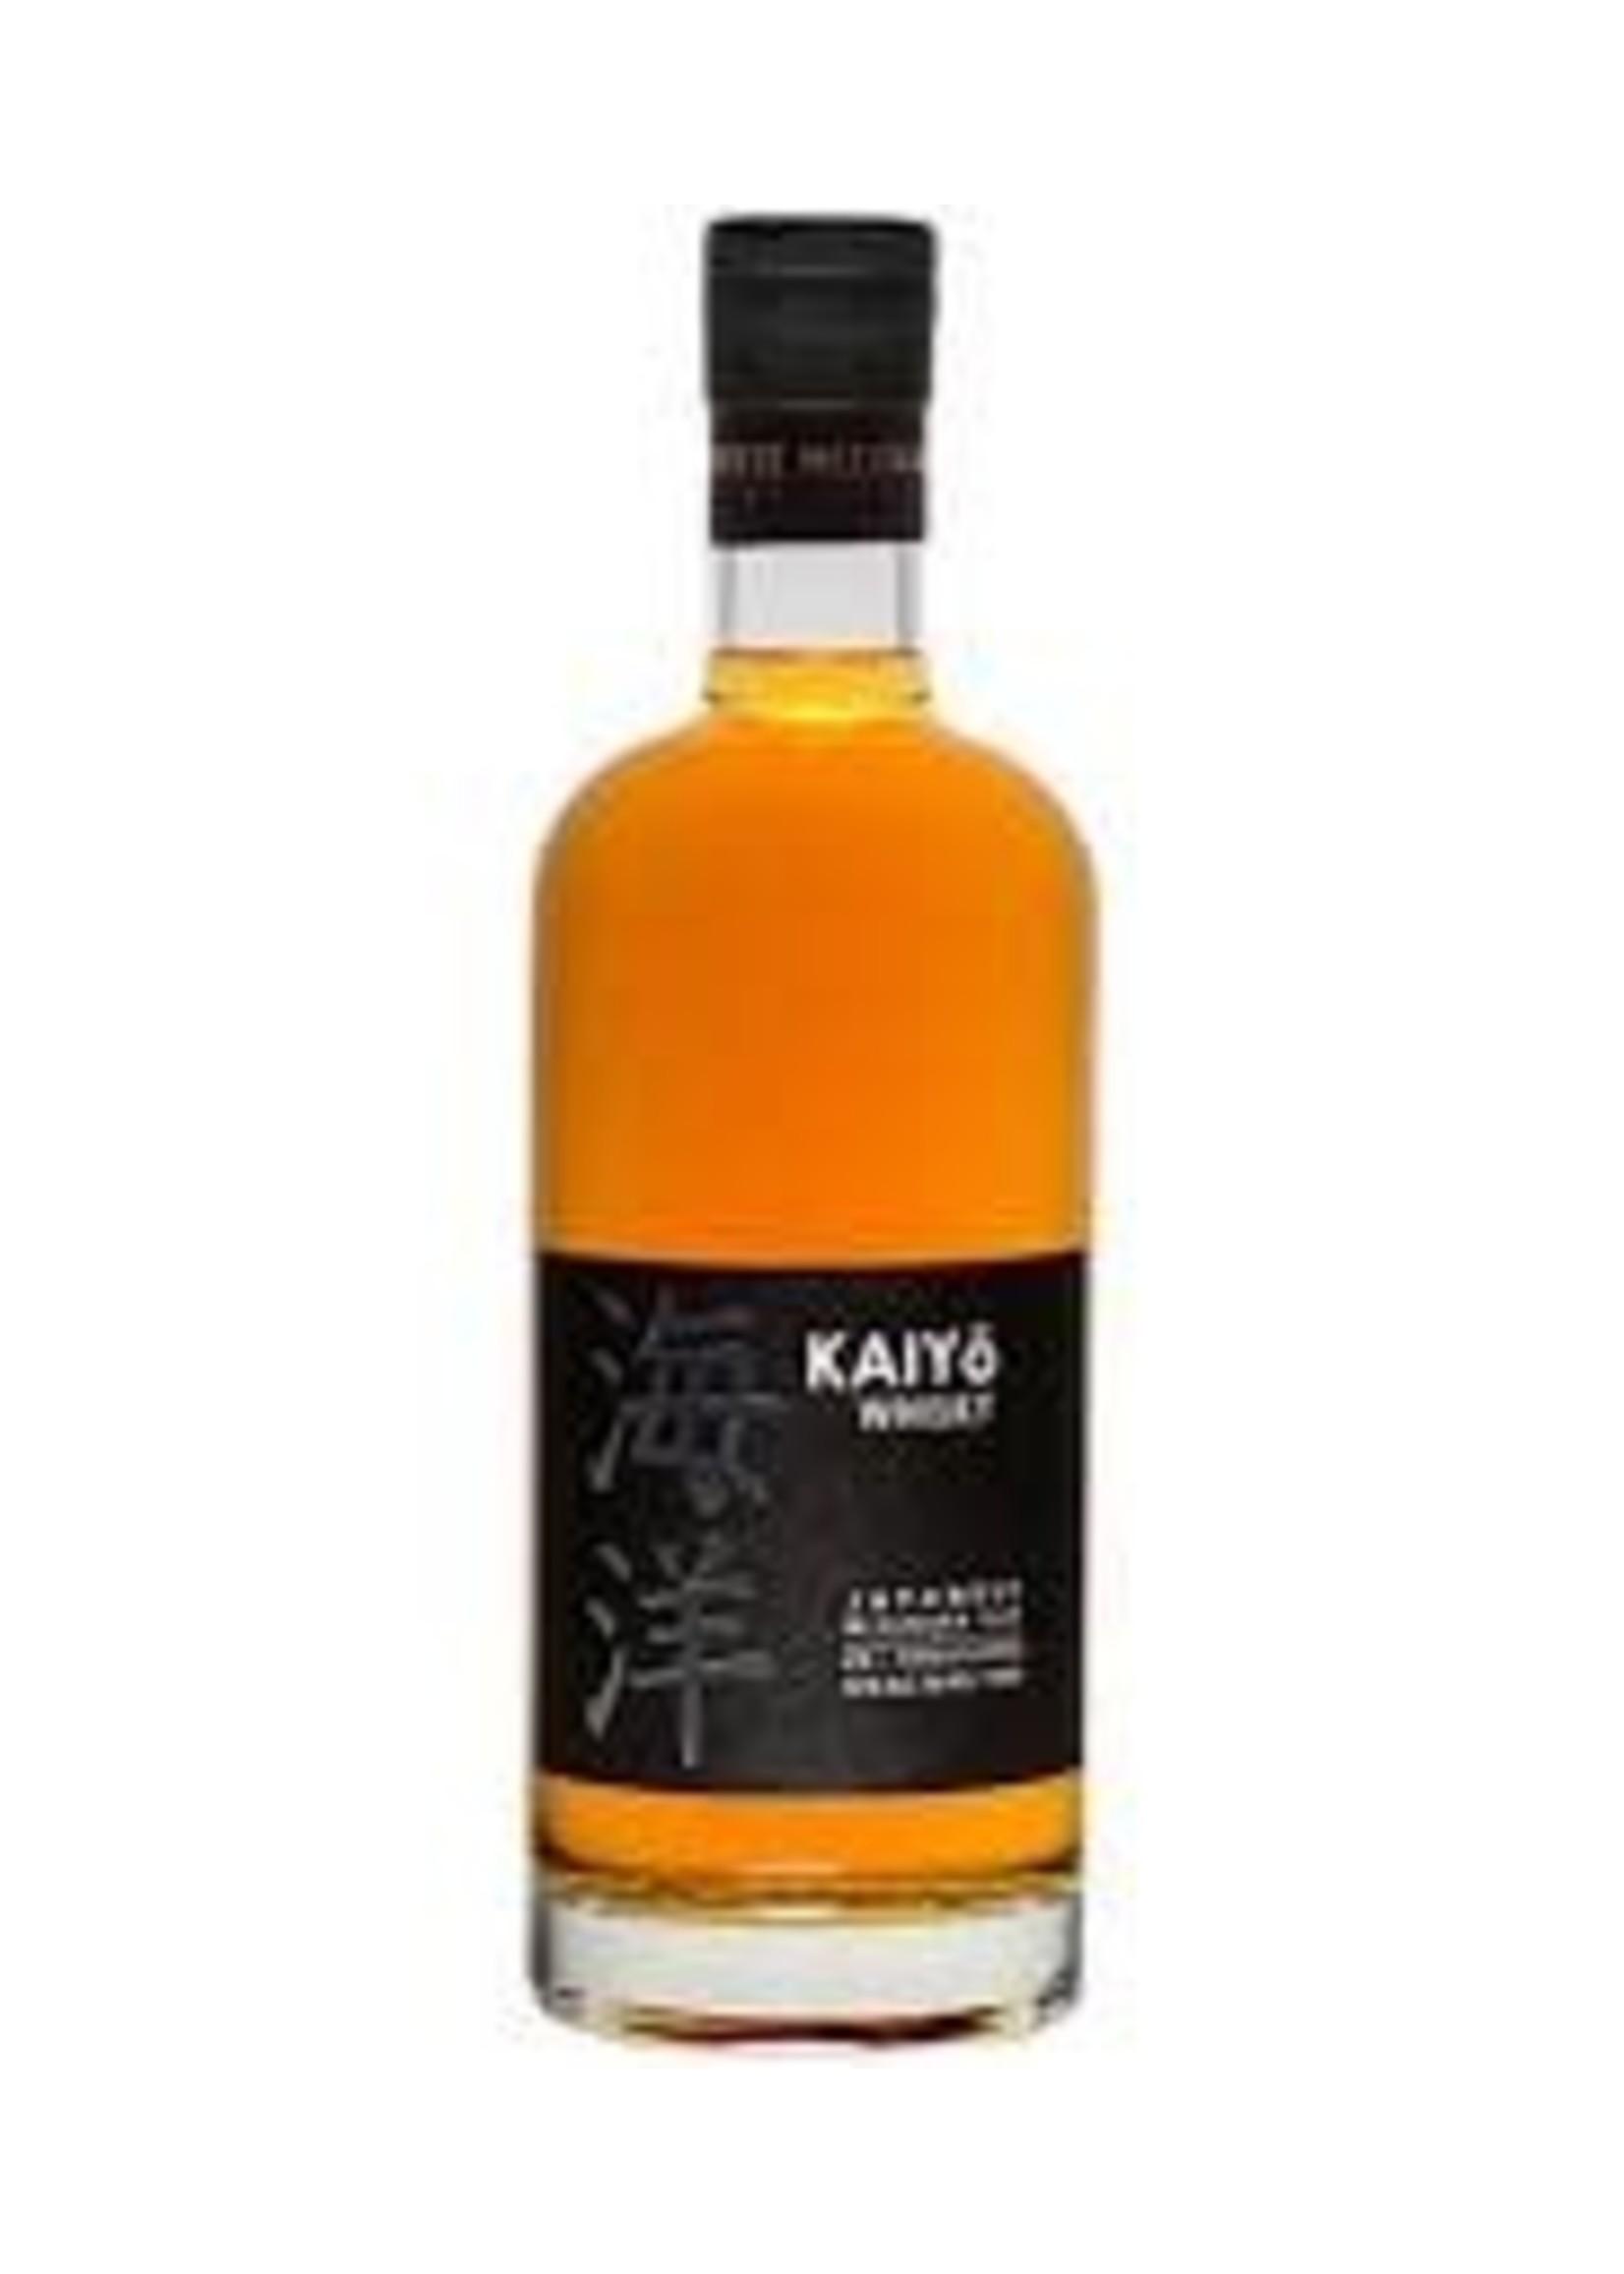 Kaiyo Japanese Whisky Mizunara Oak 750ml